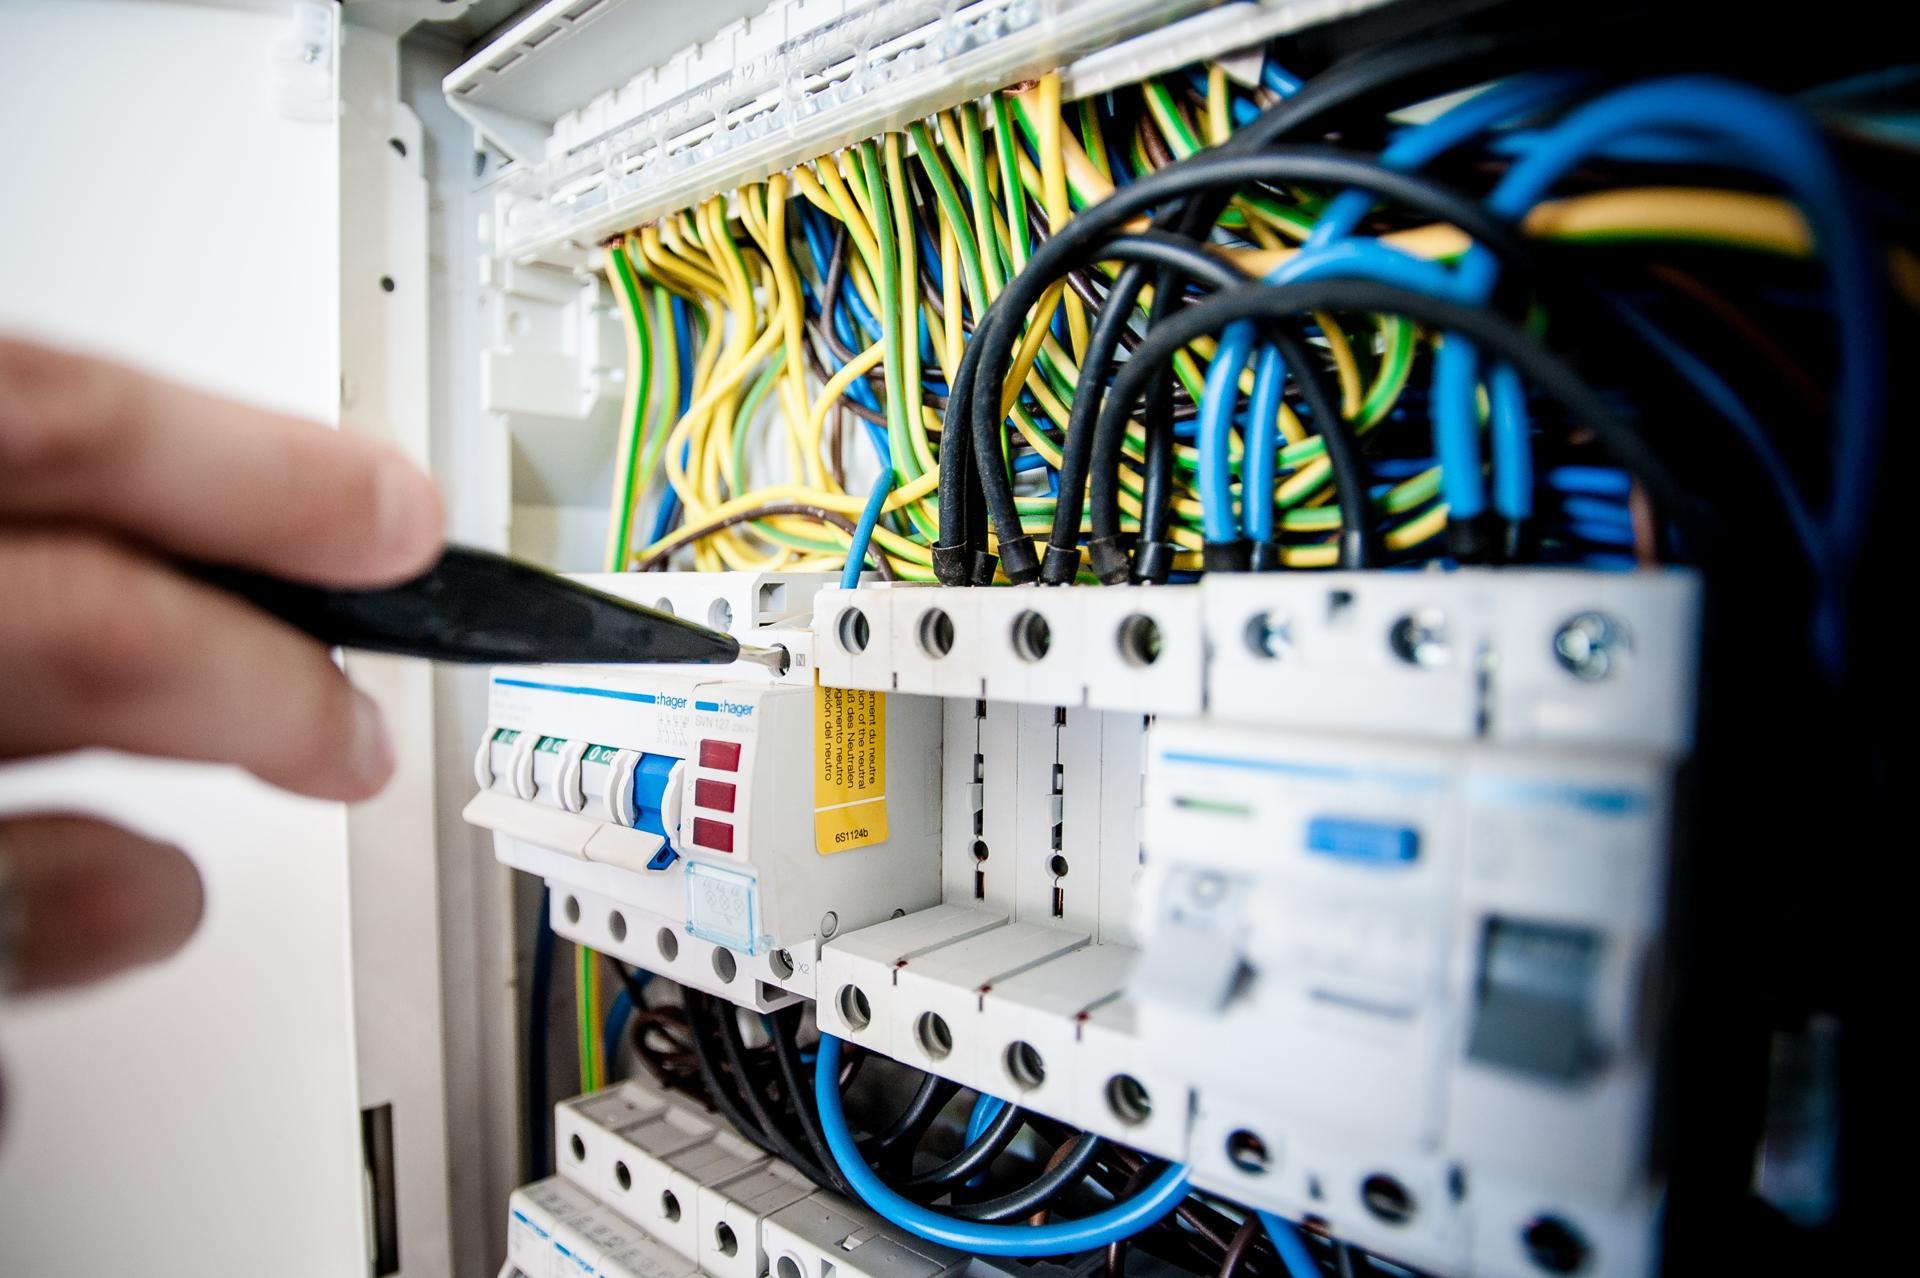 Αστική Ευθύνη Ηλεκτρολόγου